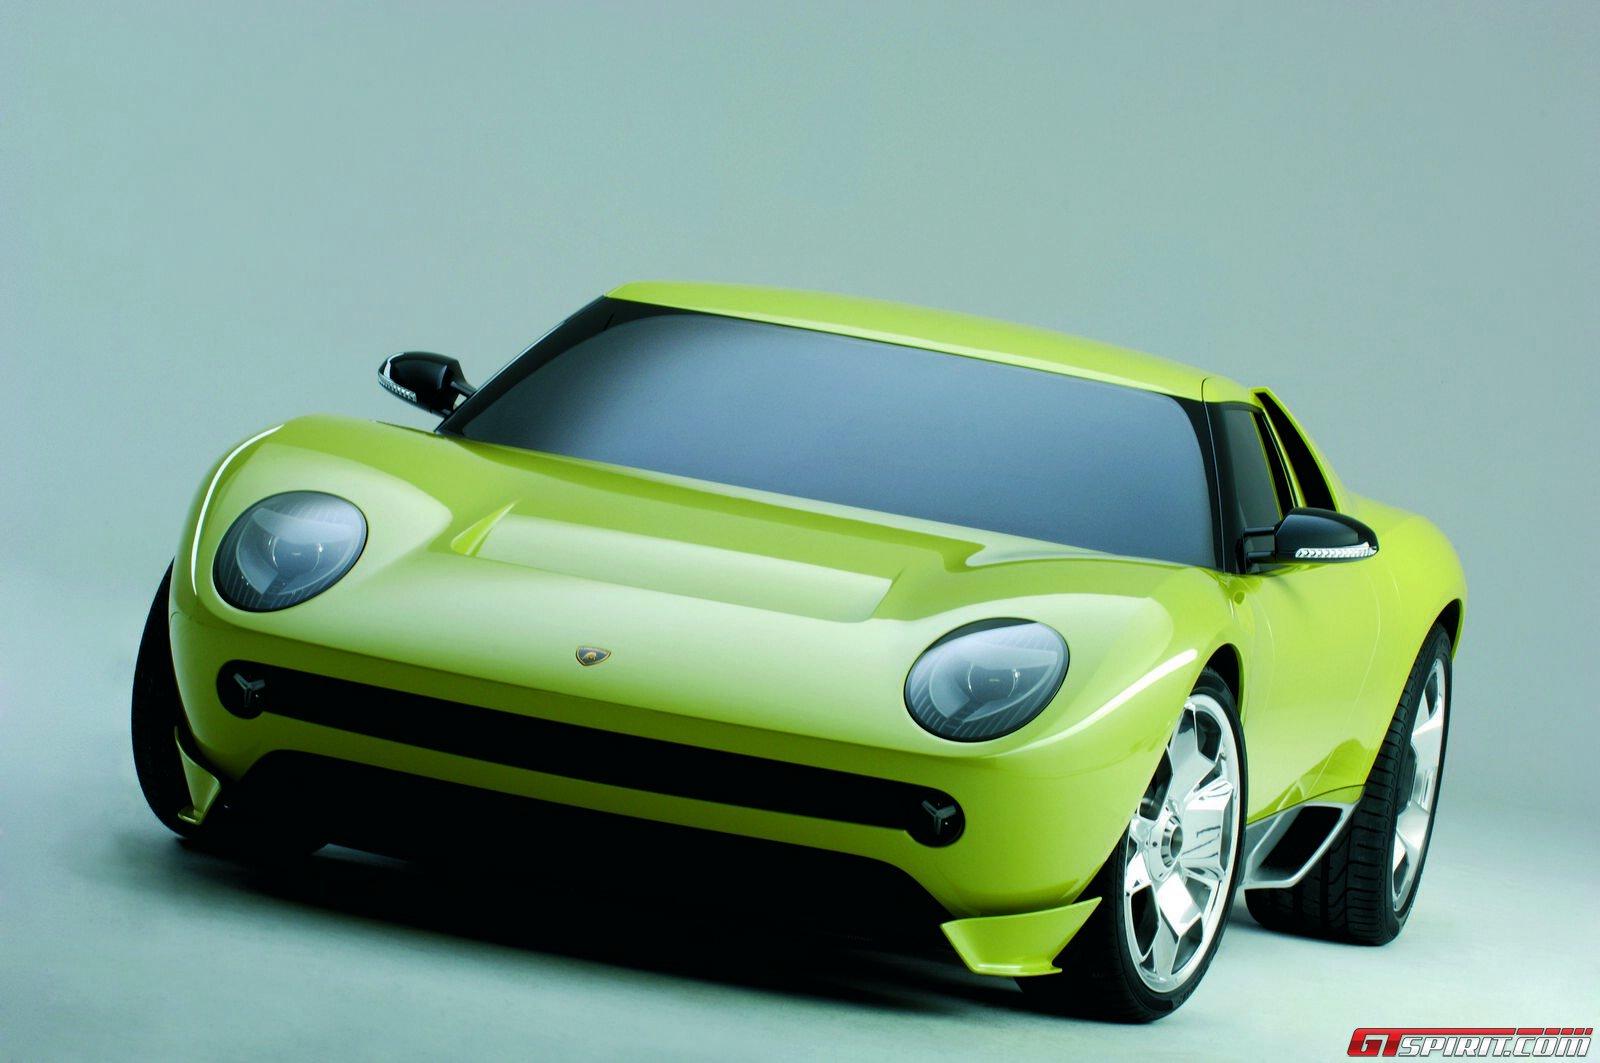 50th Anniversary Model for Lamborghini Photo 6